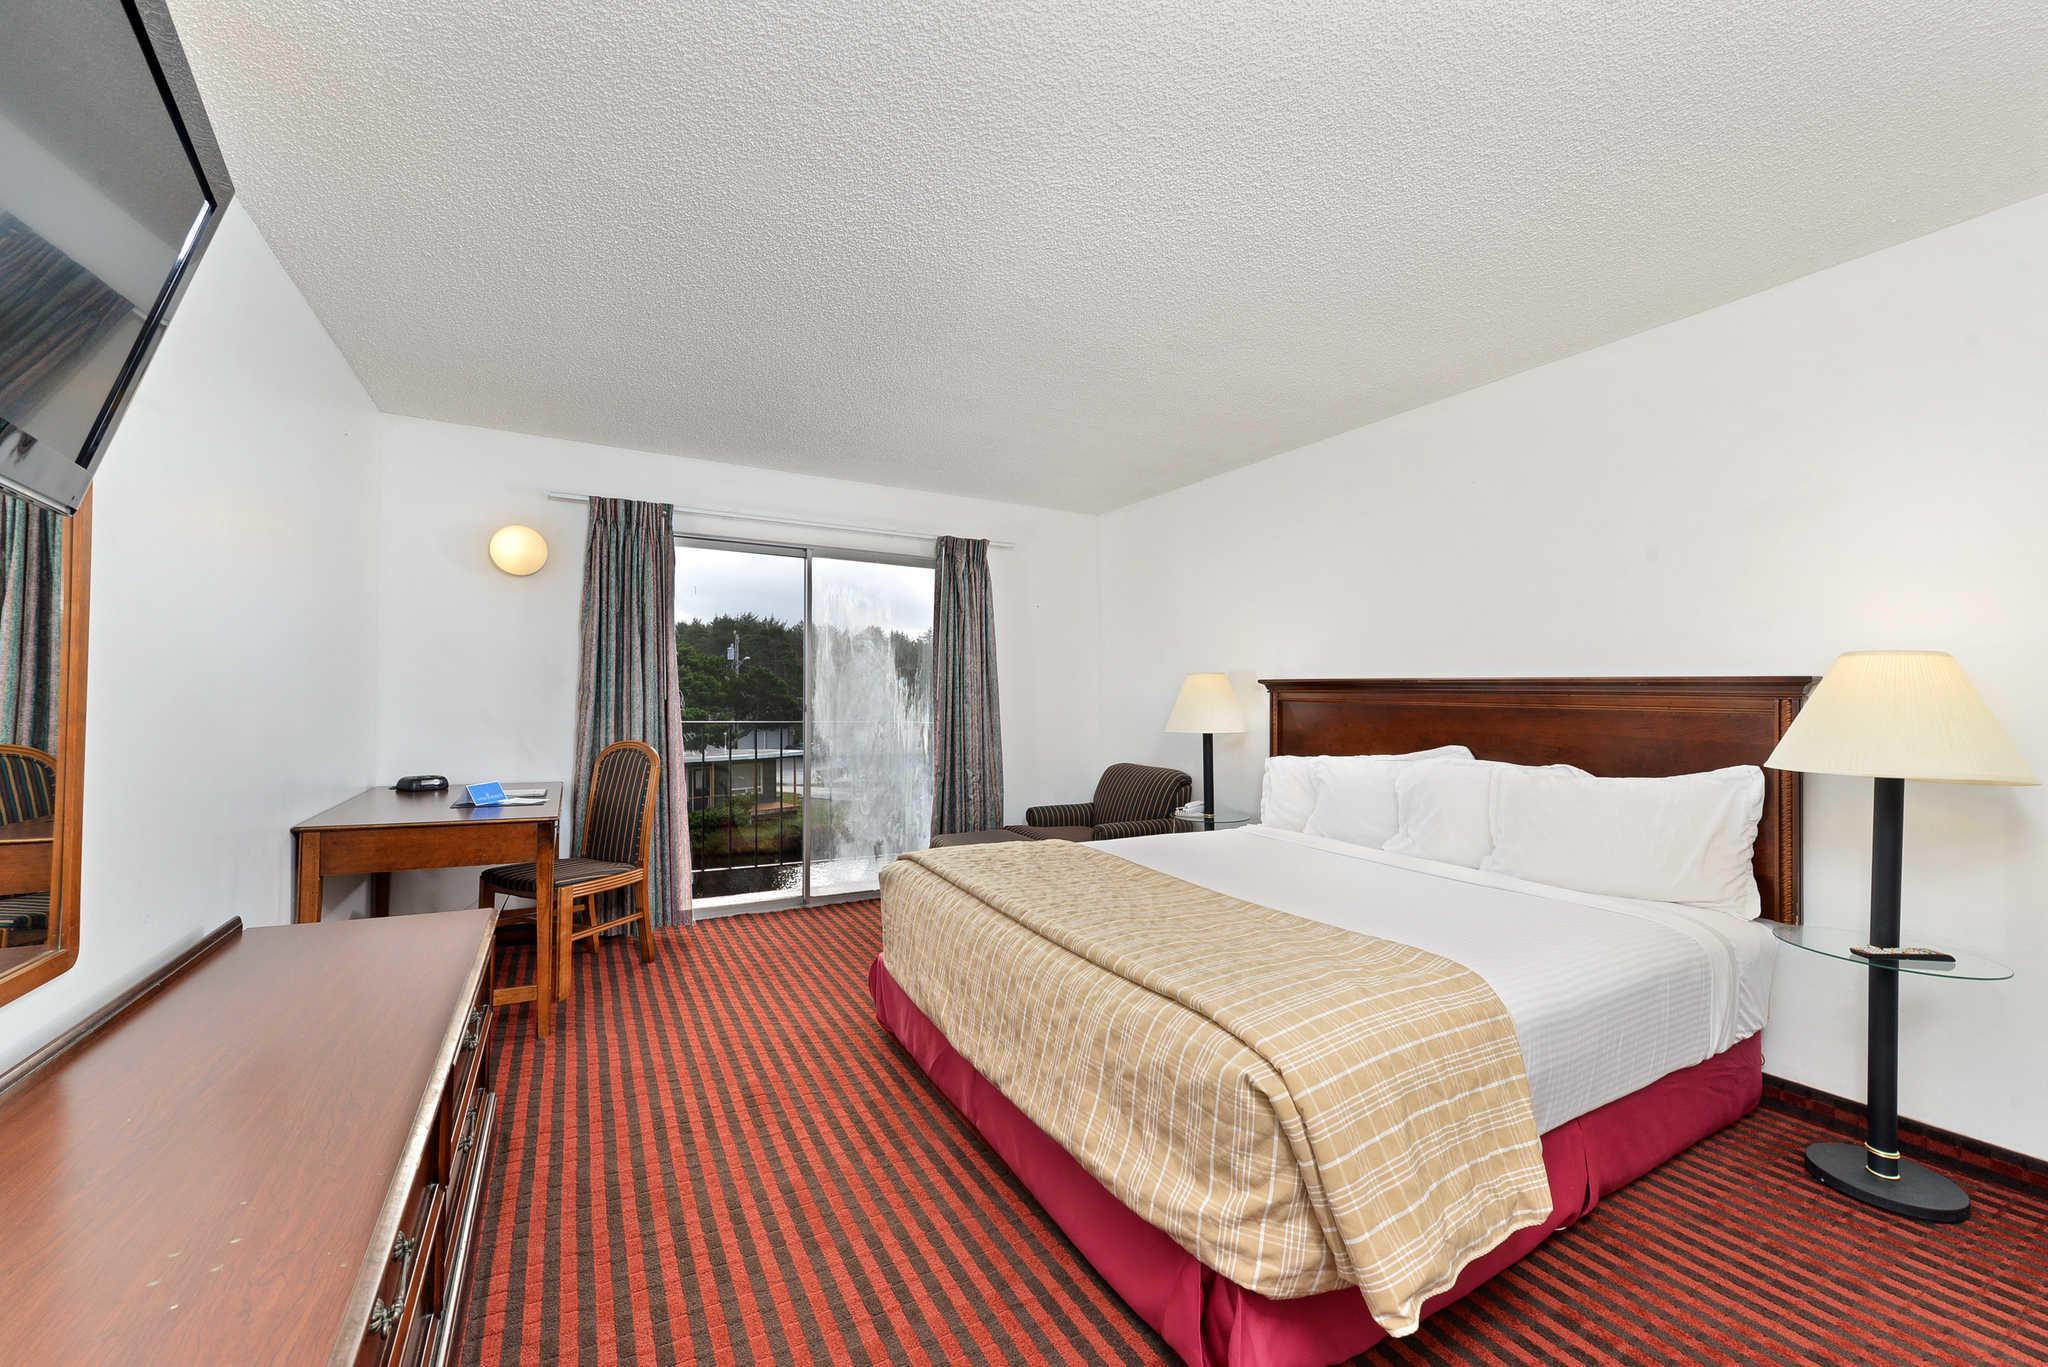 Rodeway Inn & Suites - Closed image 20